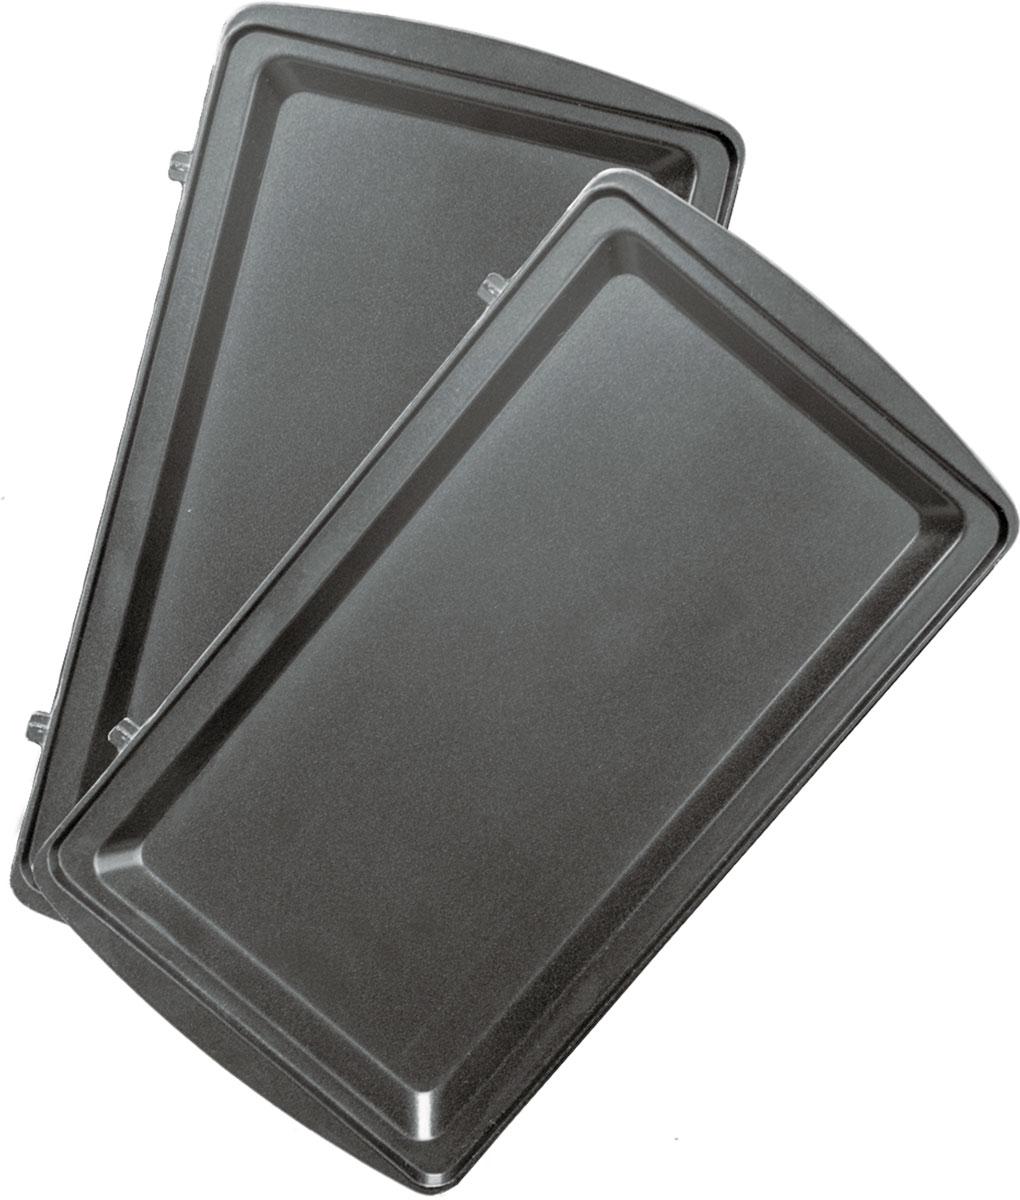 Redmond RAMB-16 панель для мультипекаряRAMB-16Универсальные съемные панели для любого мультипекаря REDMOND!Позволят приготовить печенье, пряники, бисквитные пирожные.Панели изготовлены из металла с антипригарным покрытием – они долговечны и легки в уходе.